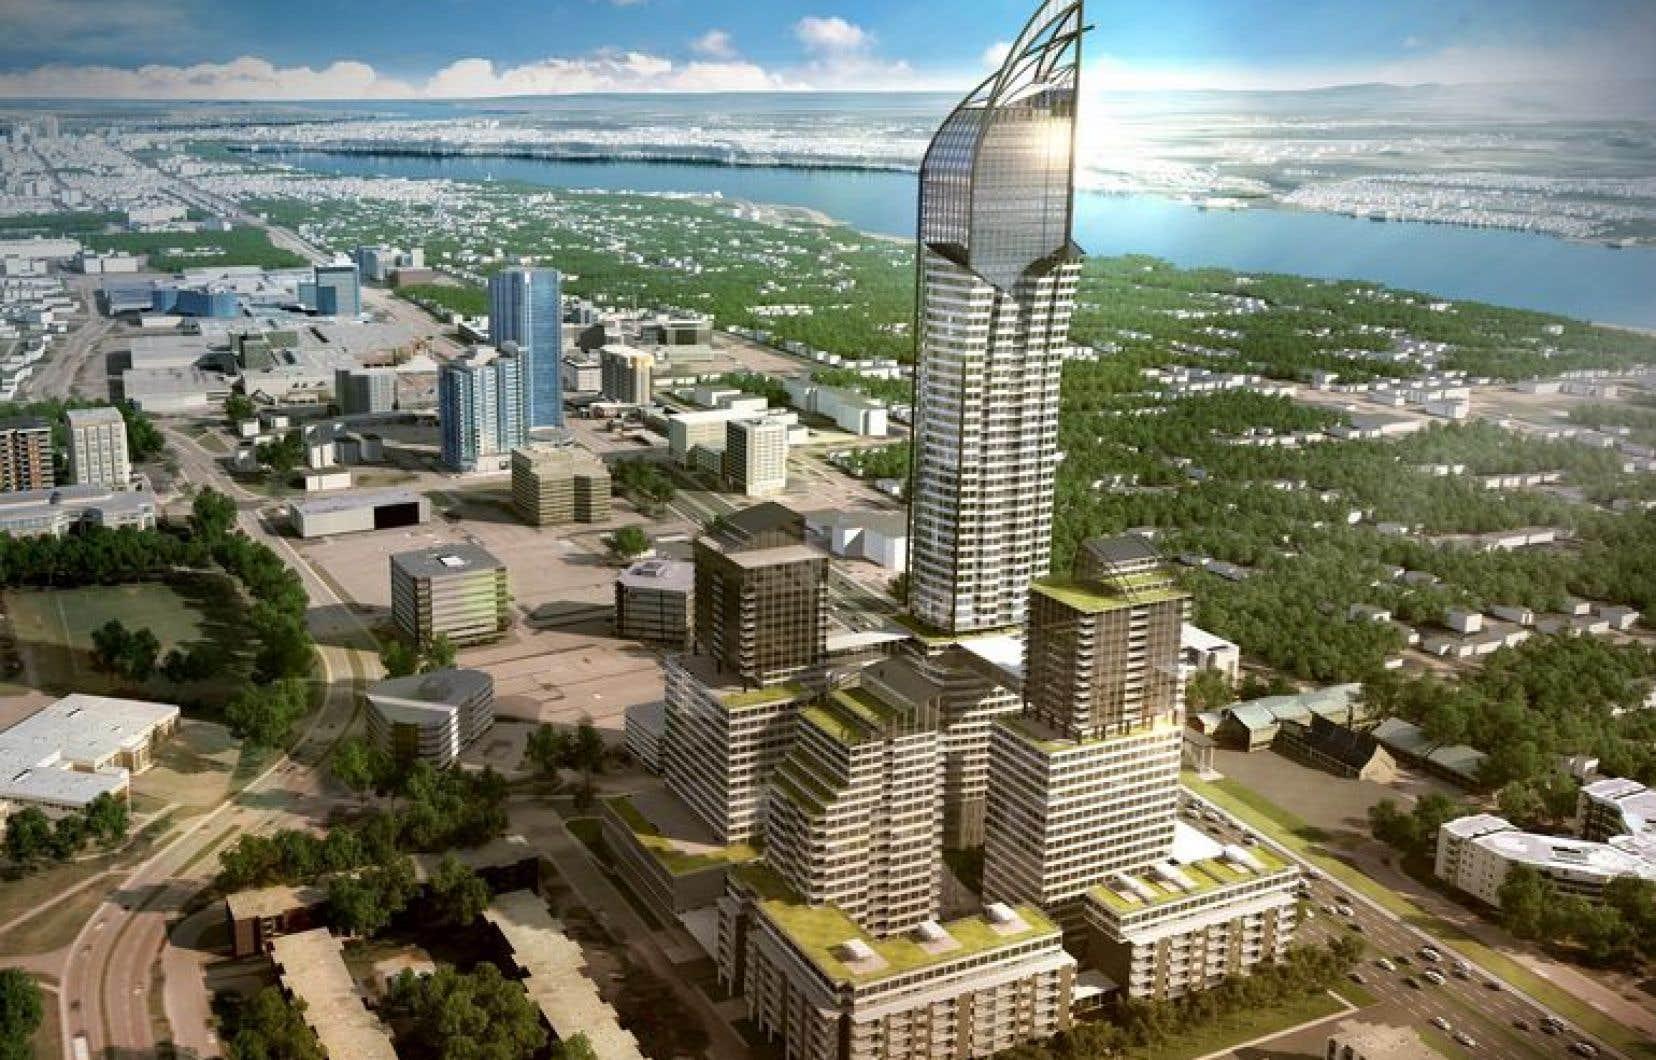 Le projet de gratte-ciel de 250 mètres tel qu'il est présenté sur les projections du promoteur immobilier.